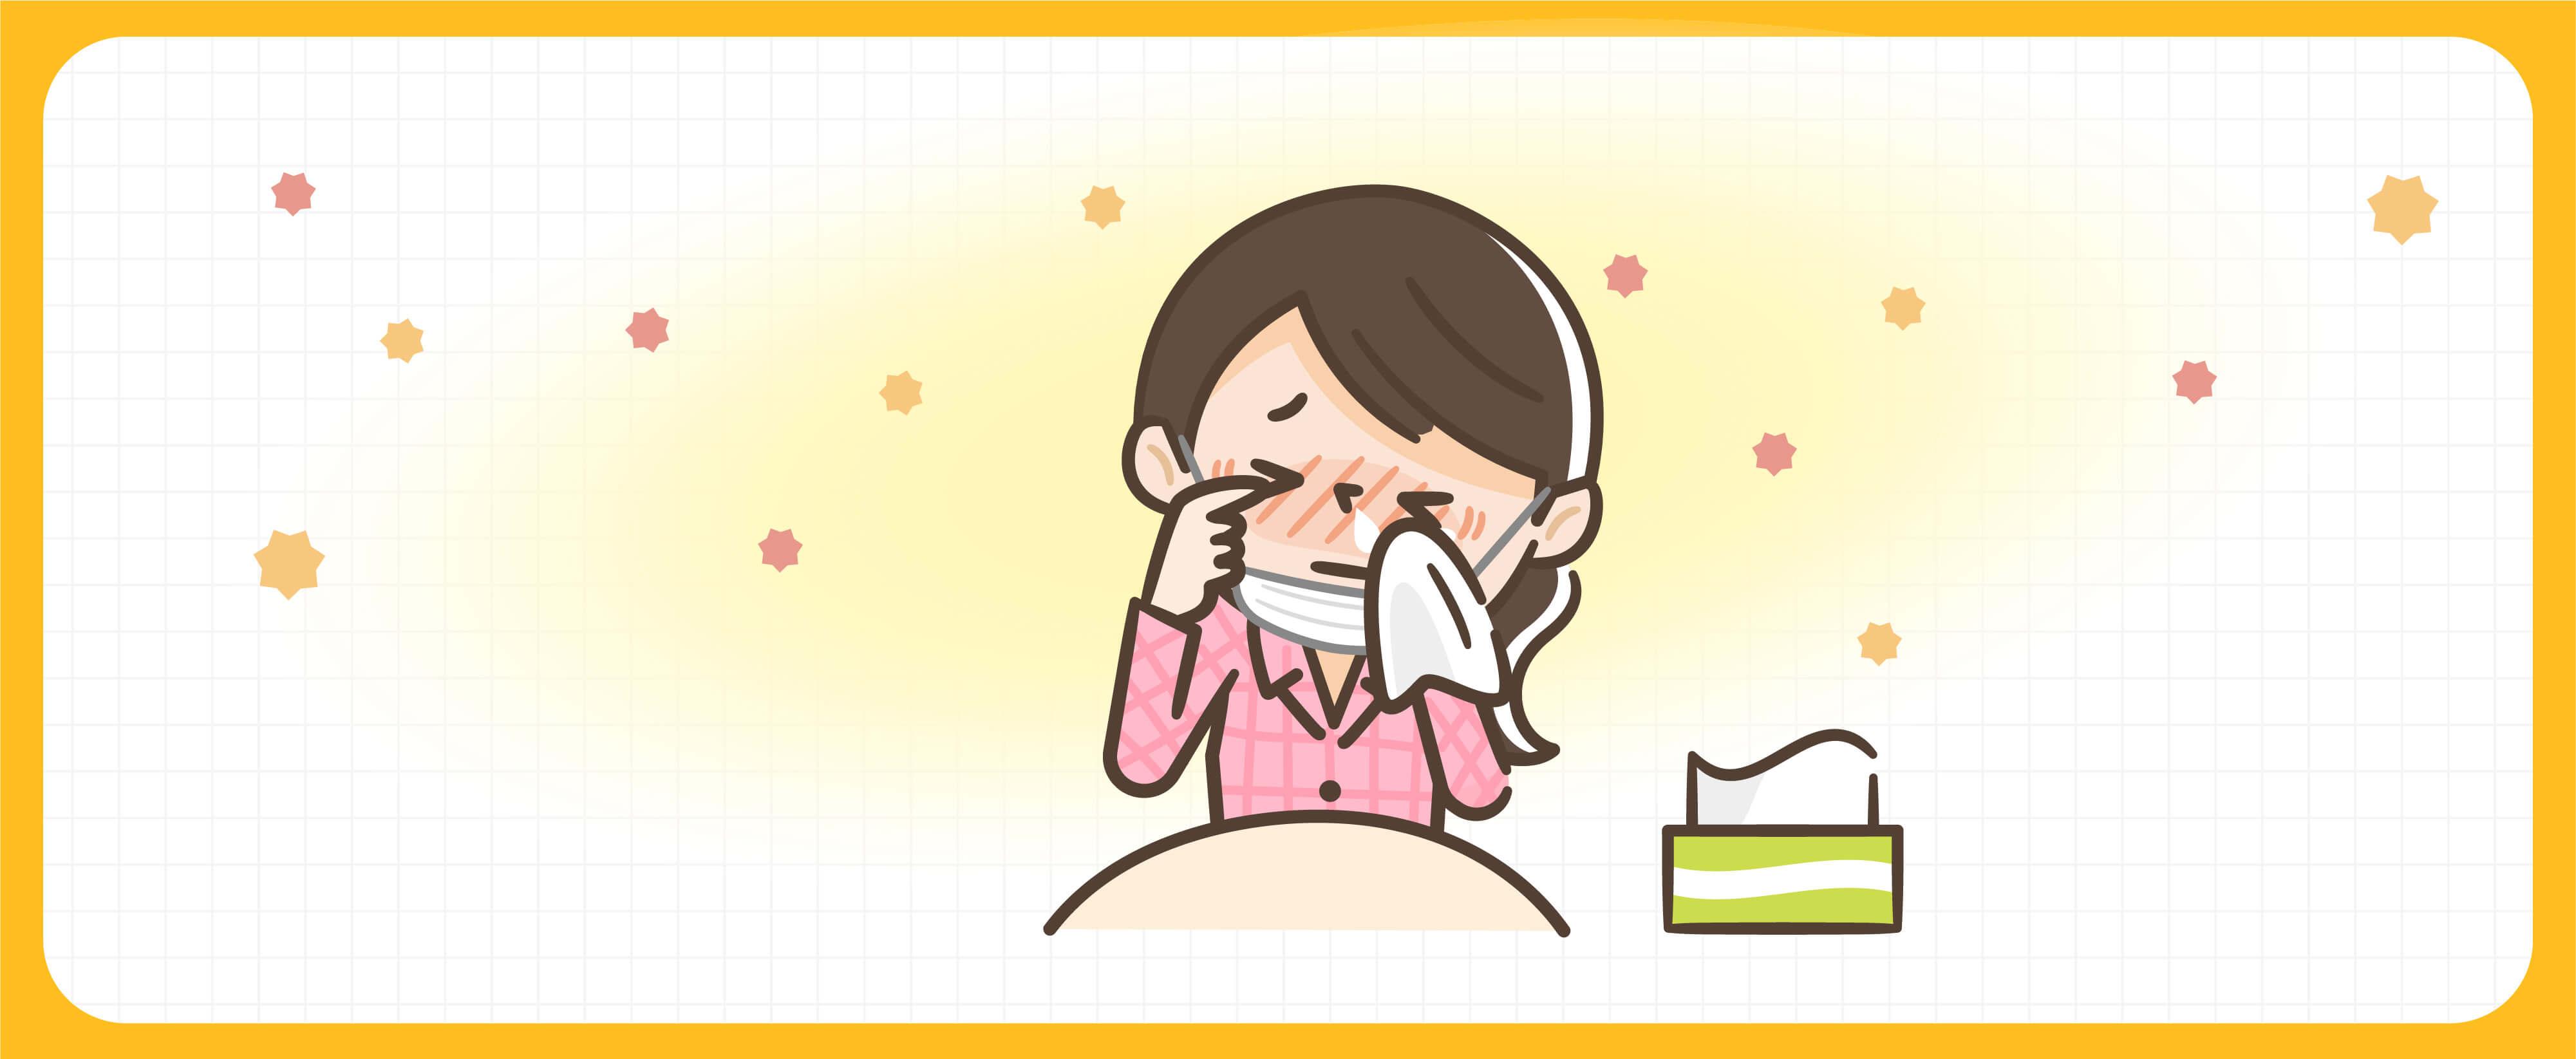 【感冒周風險】「心肌梗塞」比平時高6倍😱